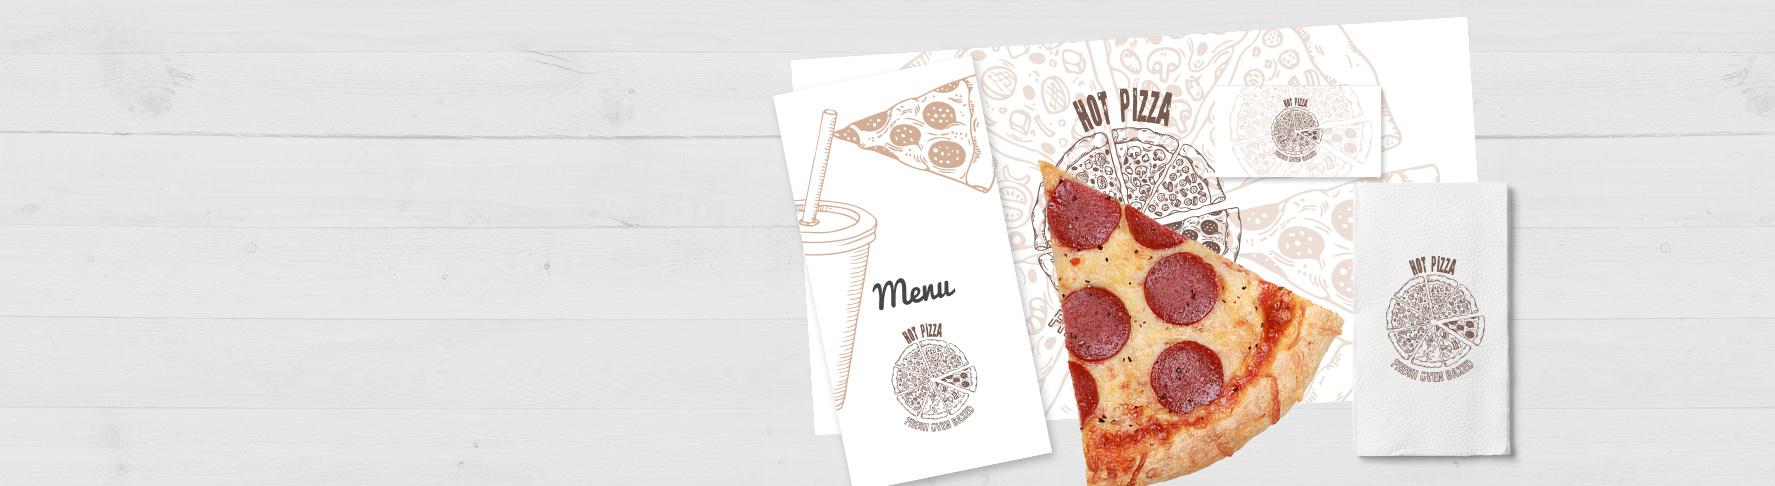 stampa-materiale-ristorazione-12